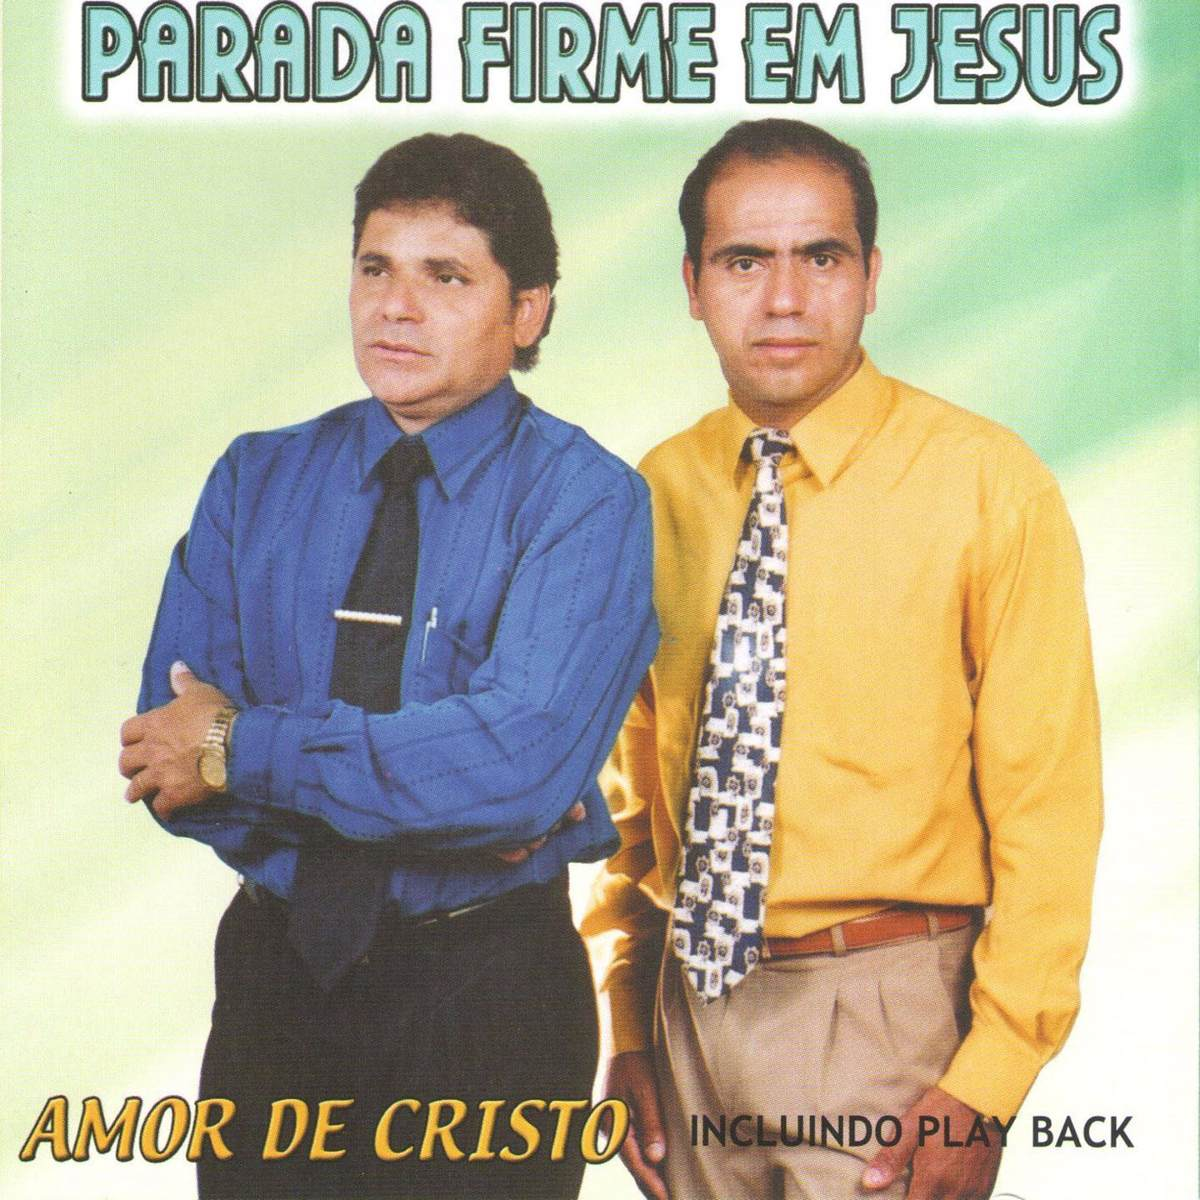 cd trio parada firme em jesus amor de cristo